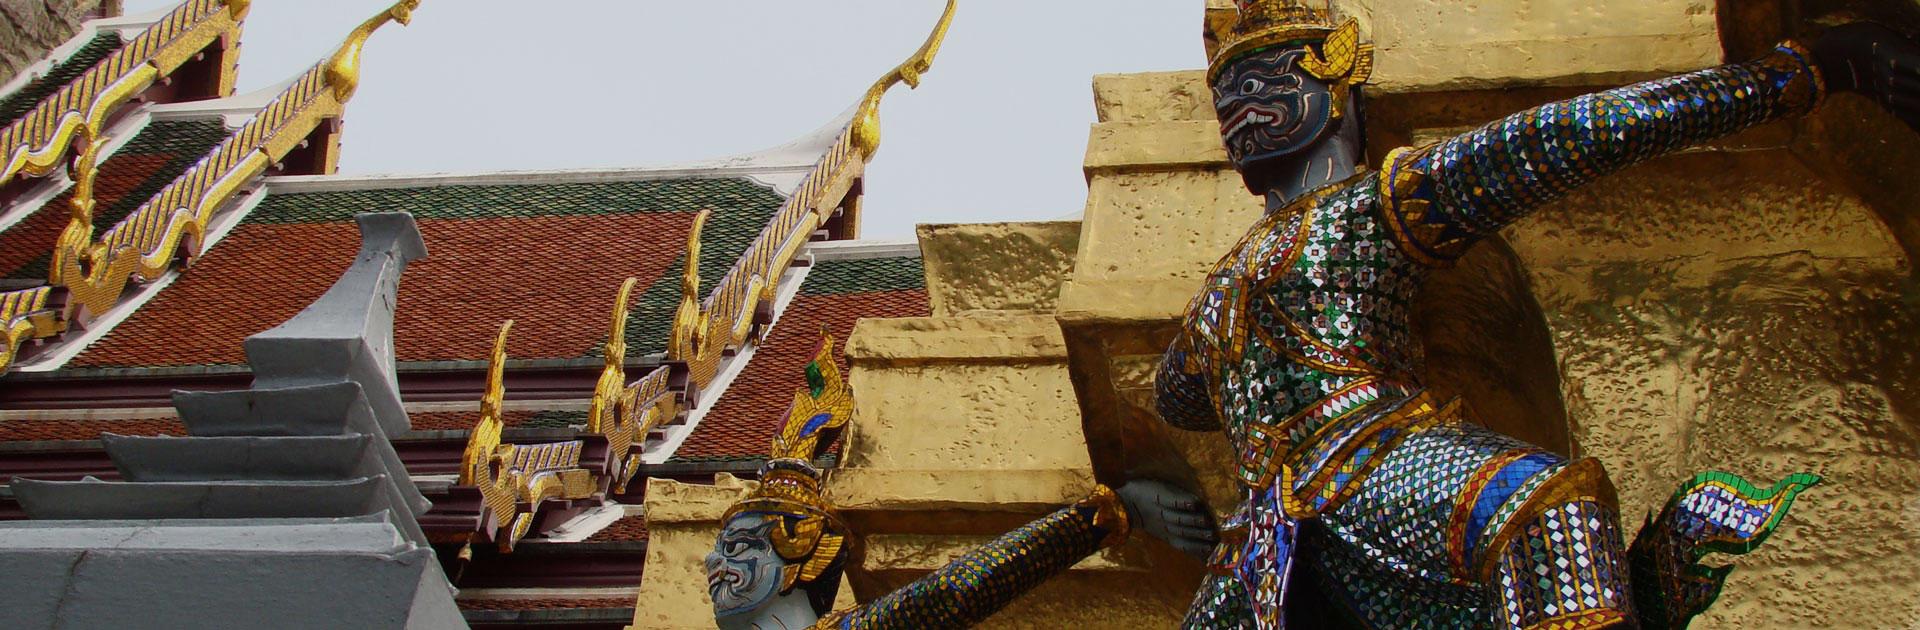 TH Lo Mejor de Tailandia y Krabi 14 días 6